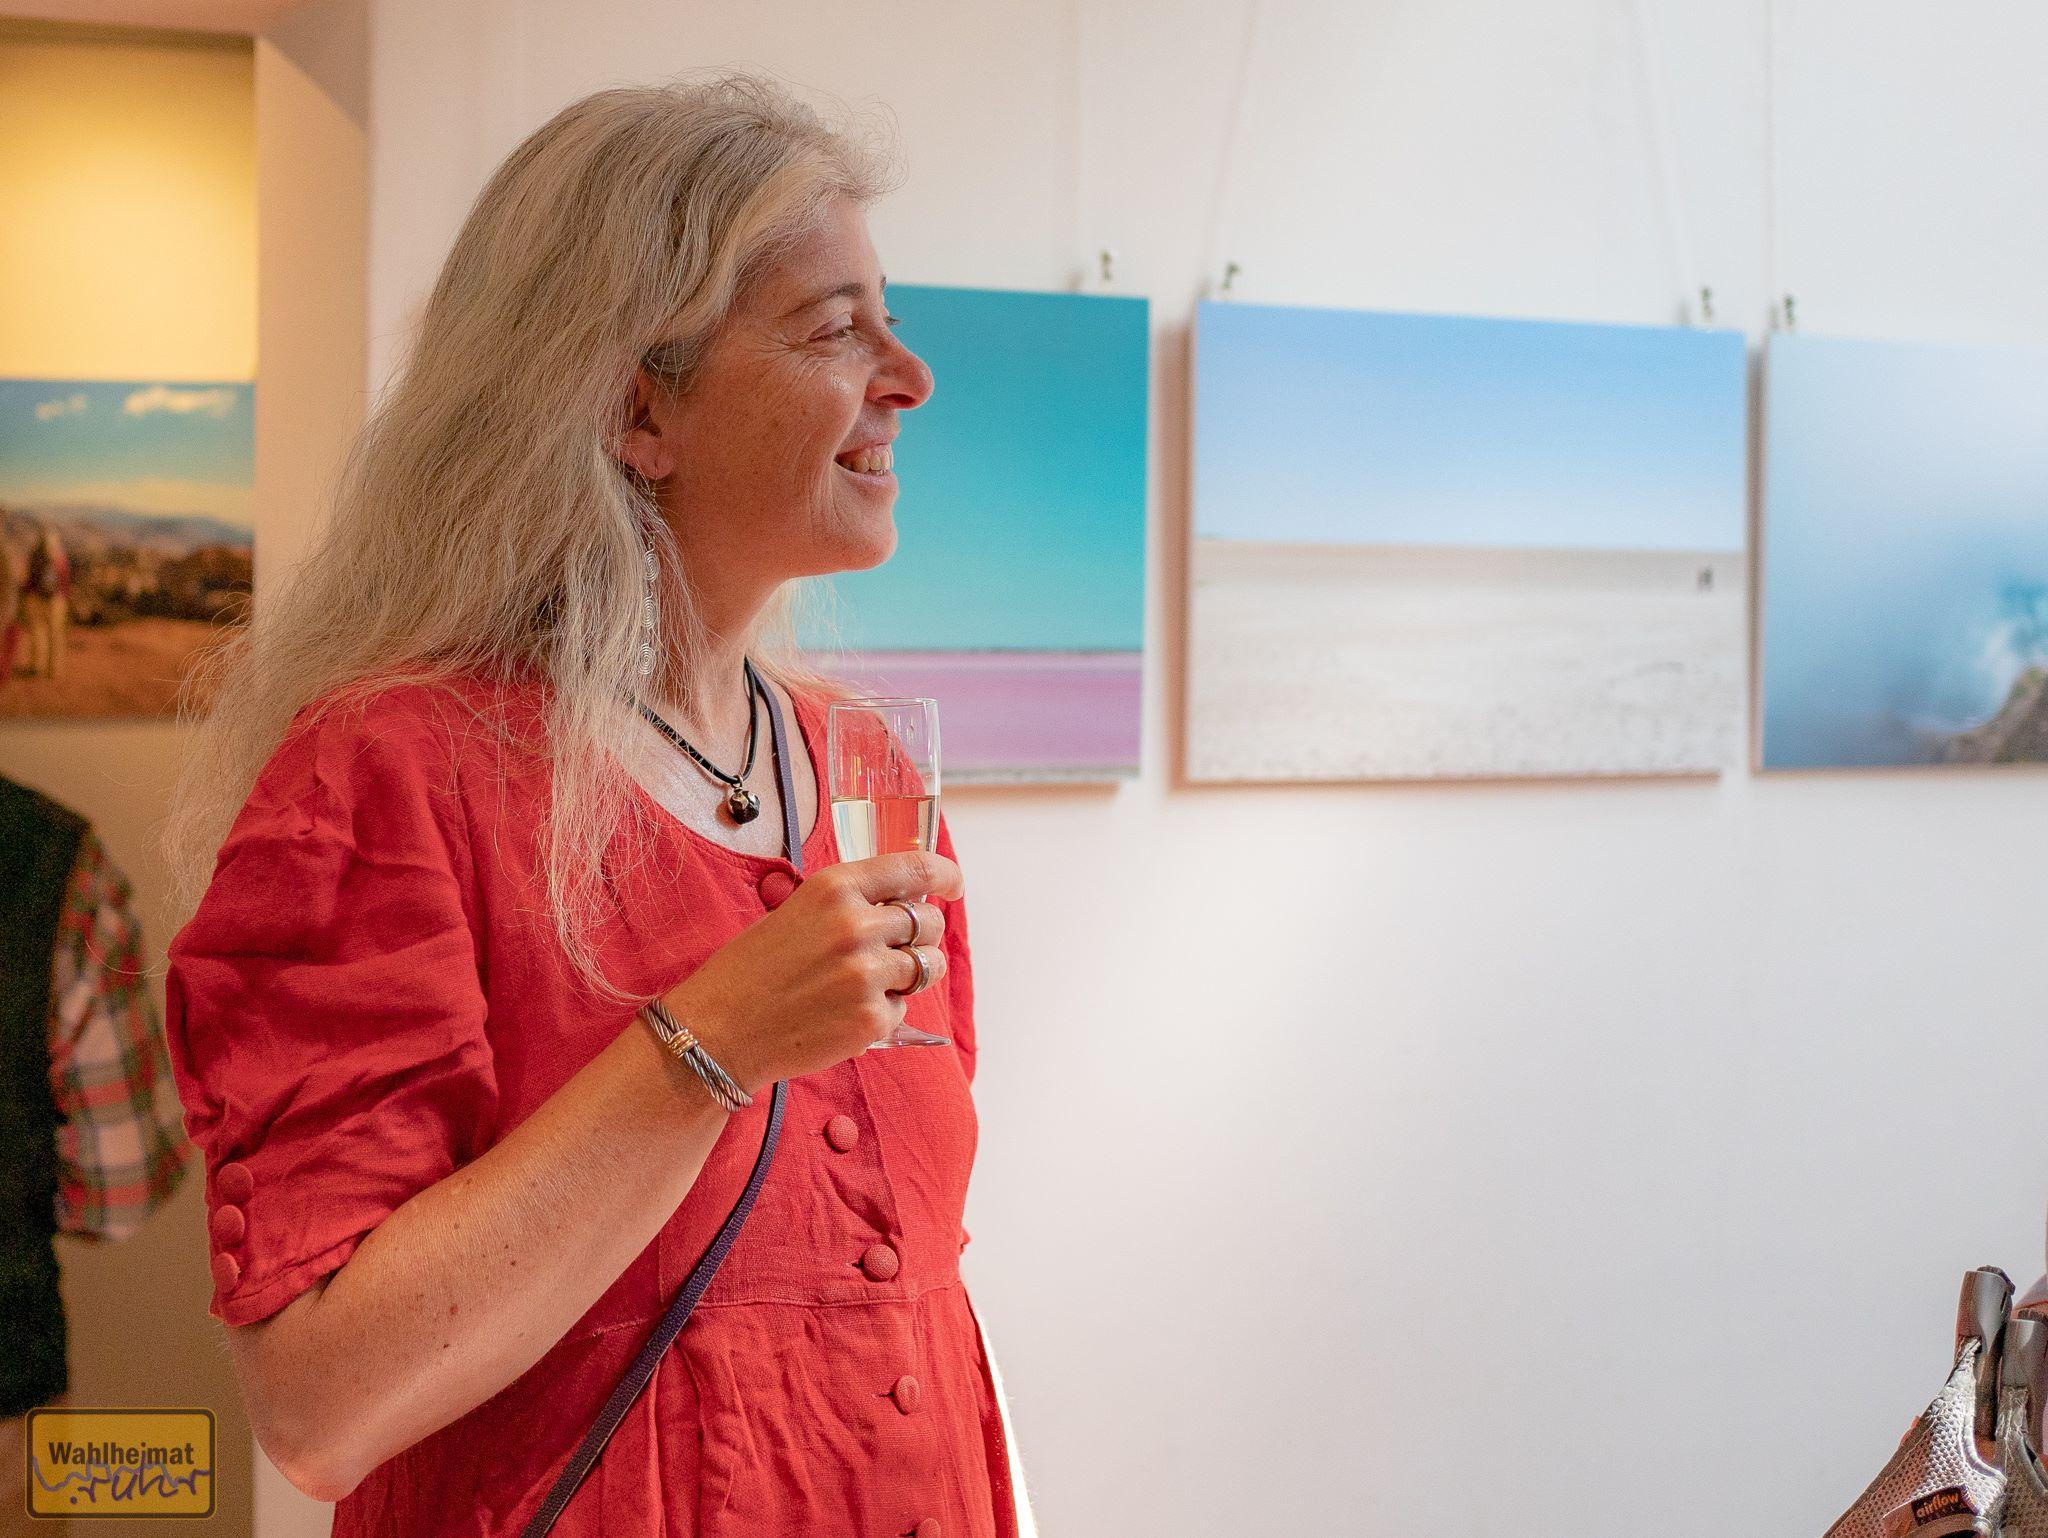 Monika Meurer vor einigen Landschaftsmotiven mit teils ungewöhnlichen Perspektiven.